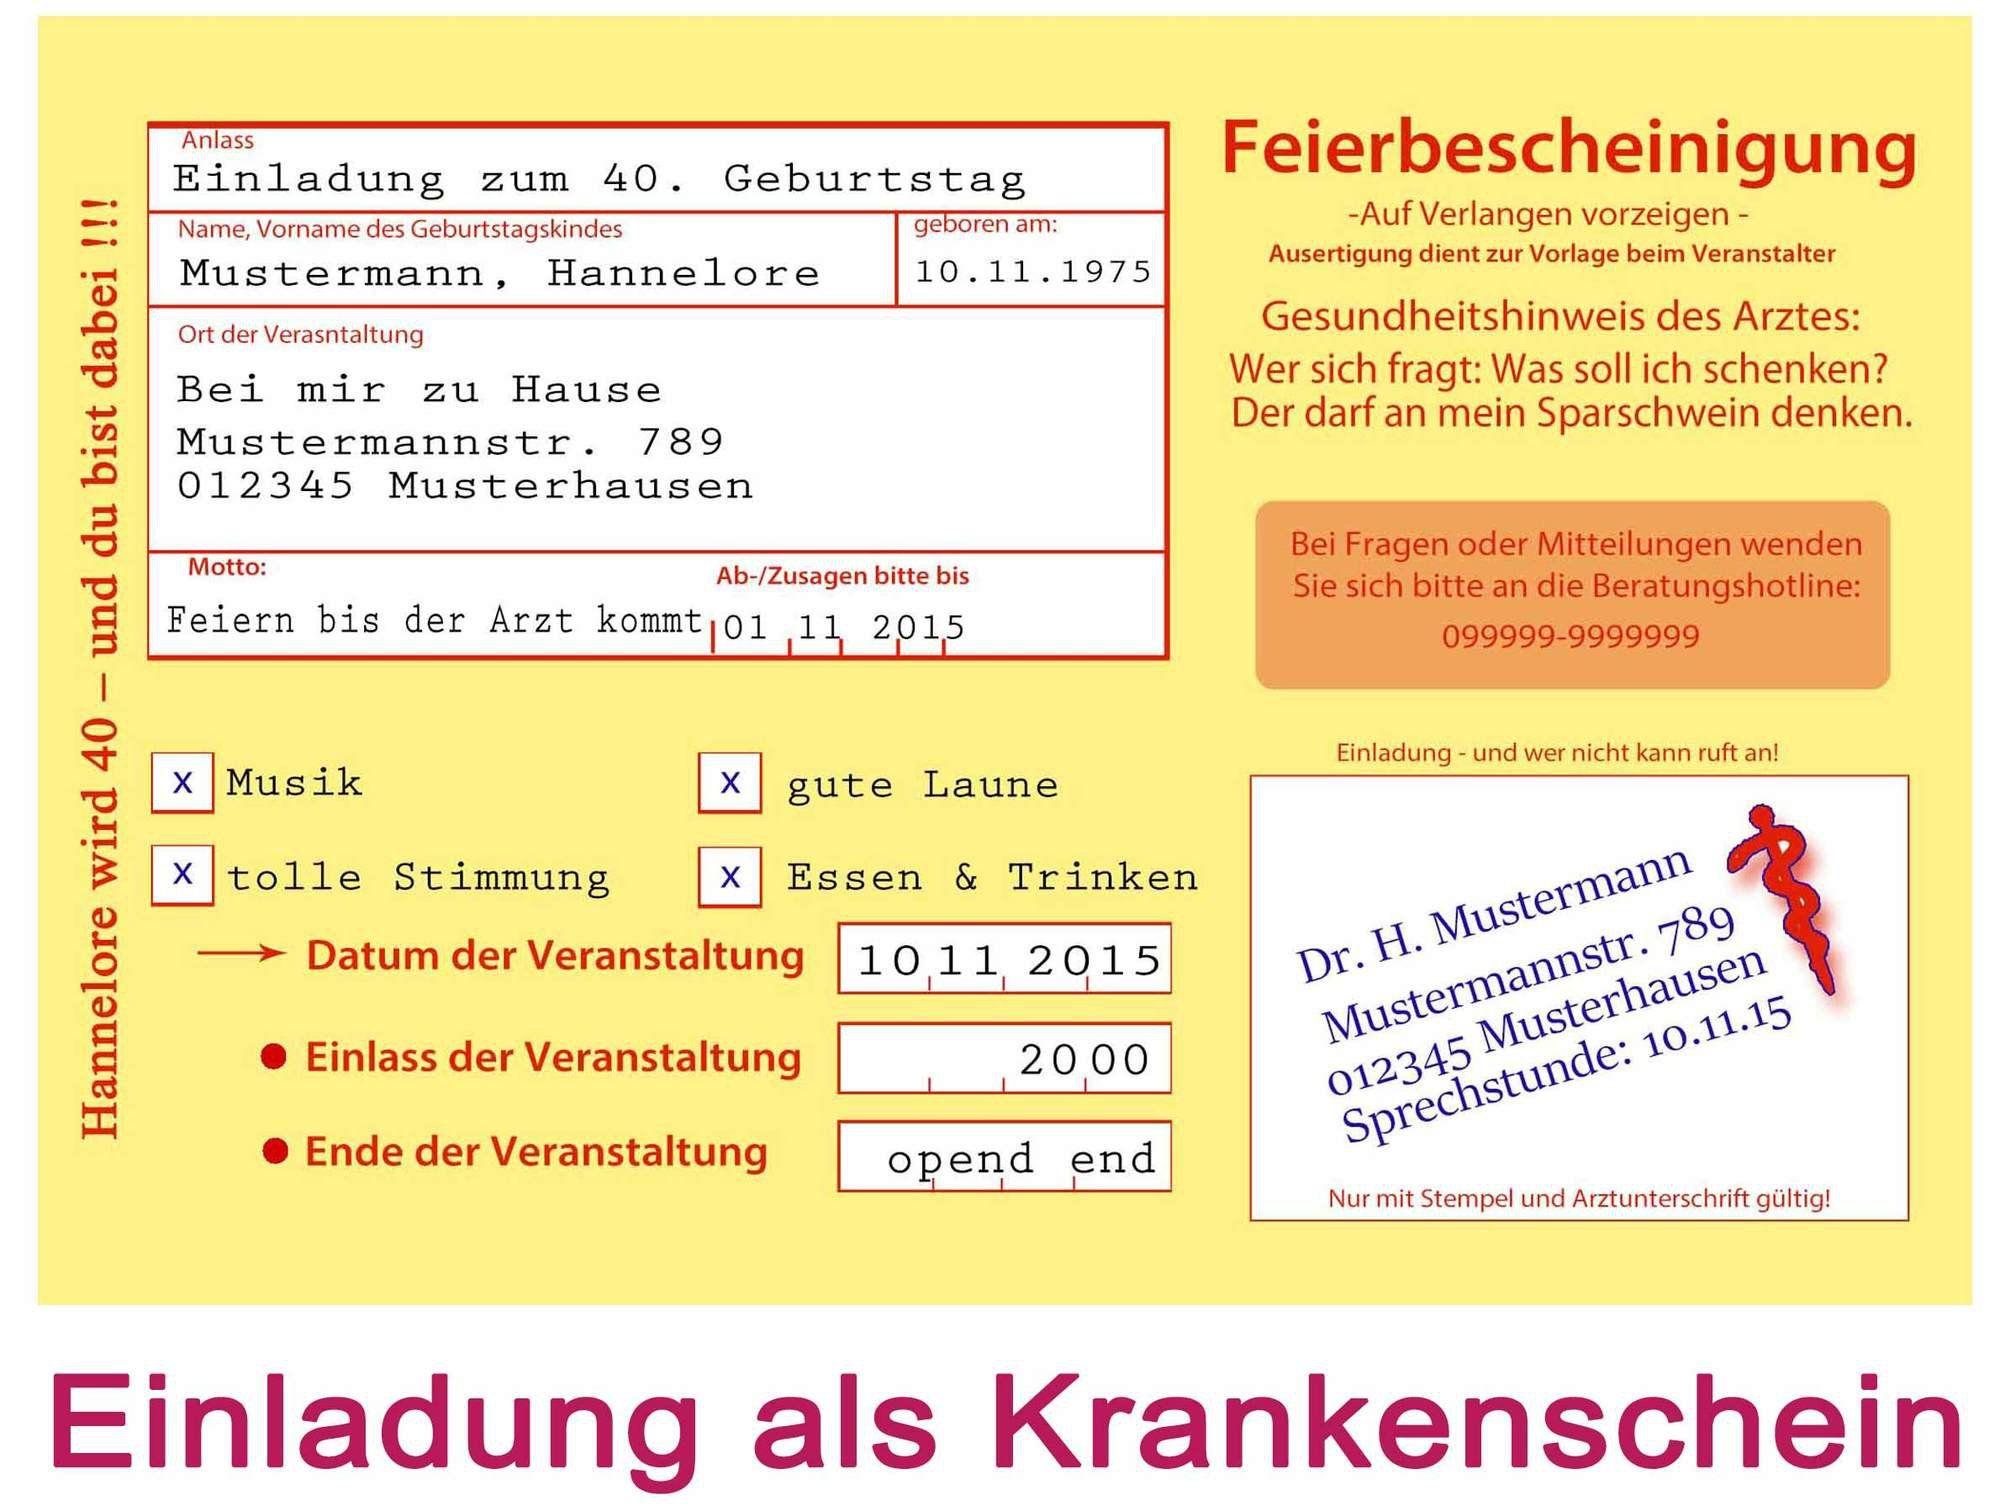 Einladungskarten Zum 50 Geburtstag Vorlagen #19: Einladungskarten 50 Geburtstag Als Krankenschein - _Eine Besondere Einladung  Für Eine Besondere Party!_ Die Vorderseite Dieser Einladungskarte Im Format  DIN ...